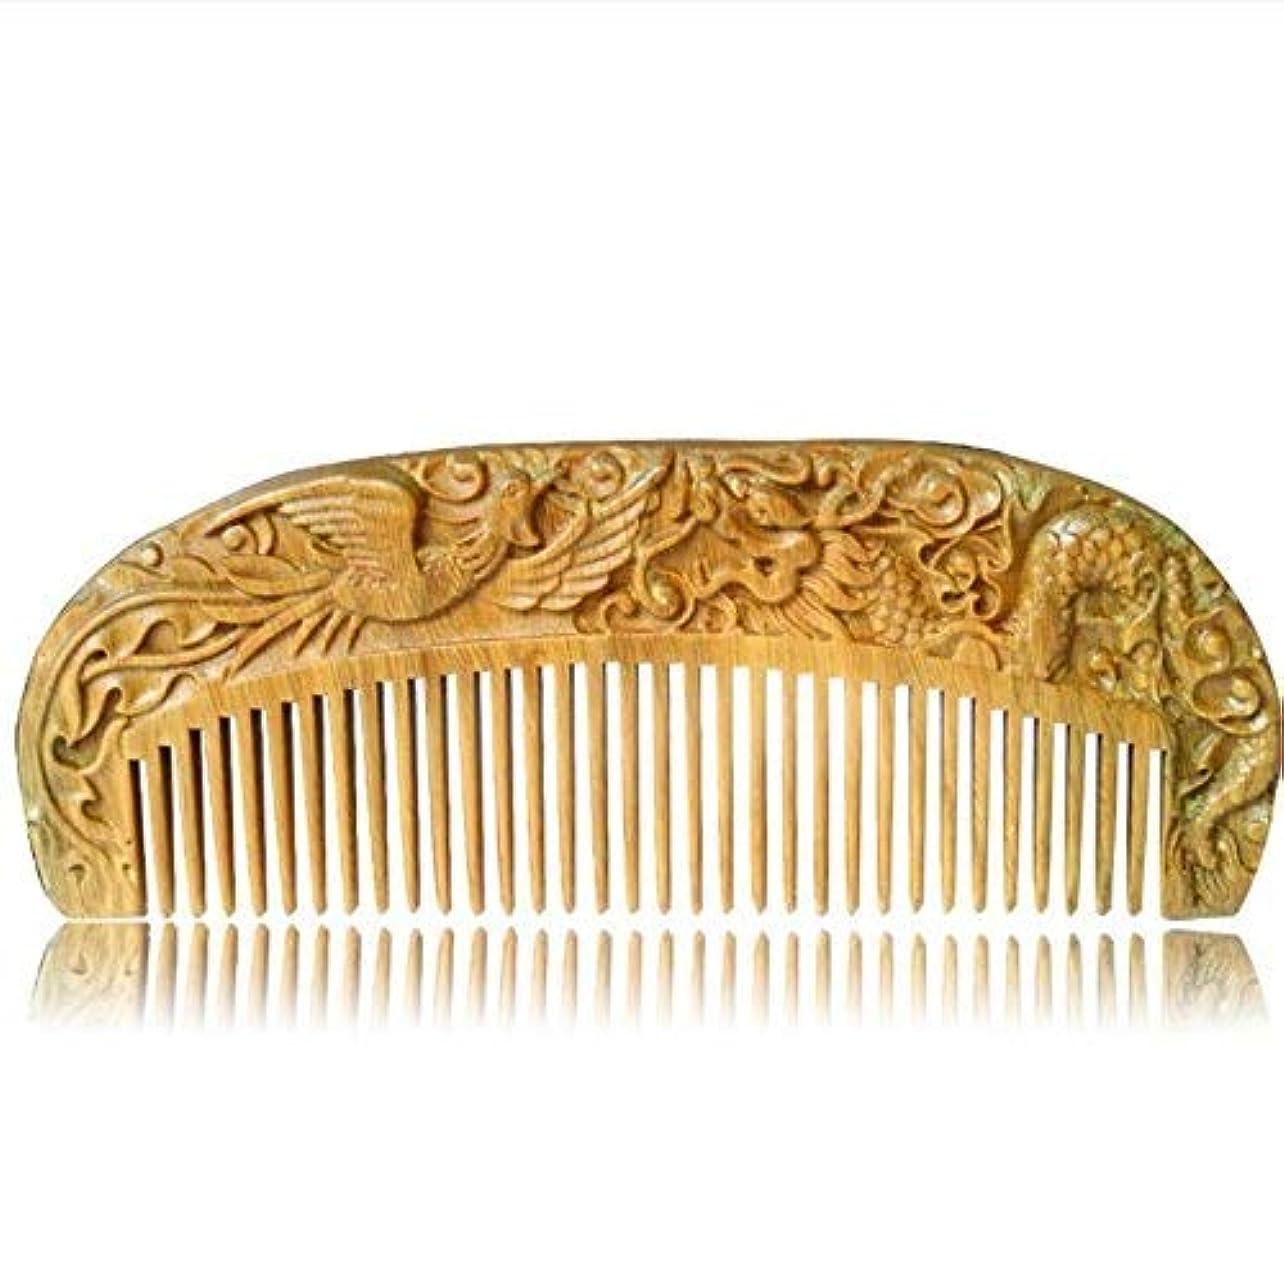 ポケットリンスエネルギーHandmade Carved Natural Sandalwood Hair Comb - Anti-Static Sandalwood Hair Comb Beard Brush Rake Comb Handmade...